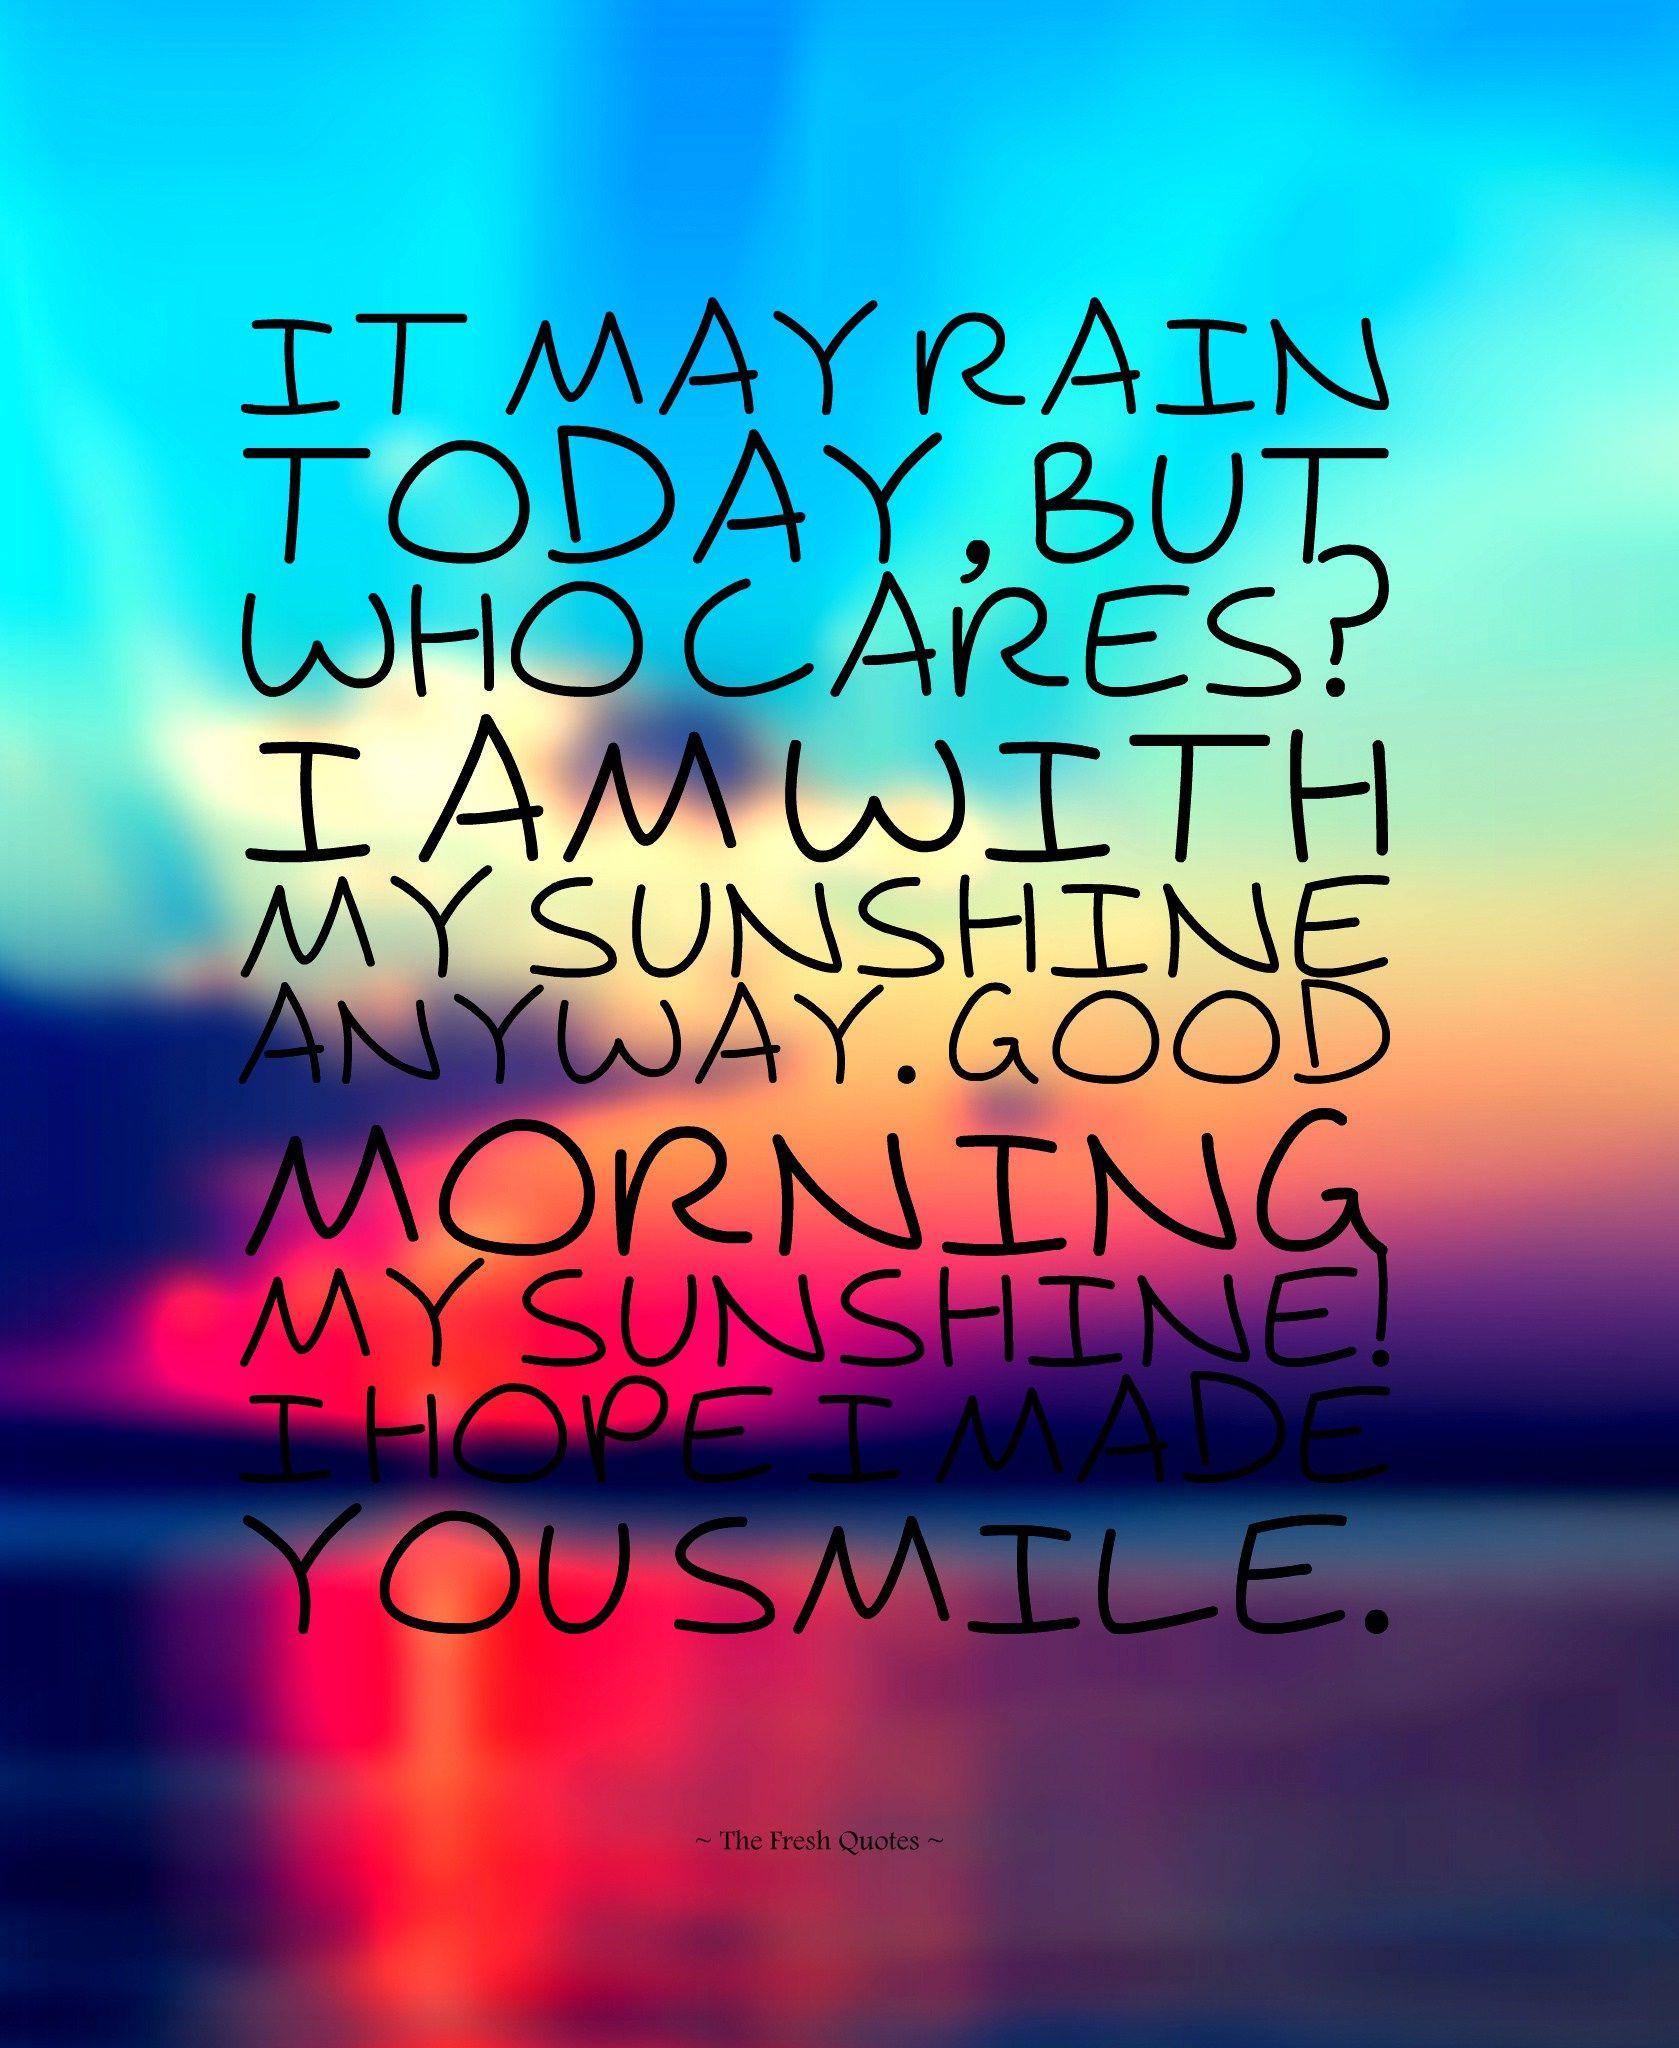 Good Morning My Love Quotes For Him Romanticgoodmorningwishesgirlfriendboyfriendhimhergood